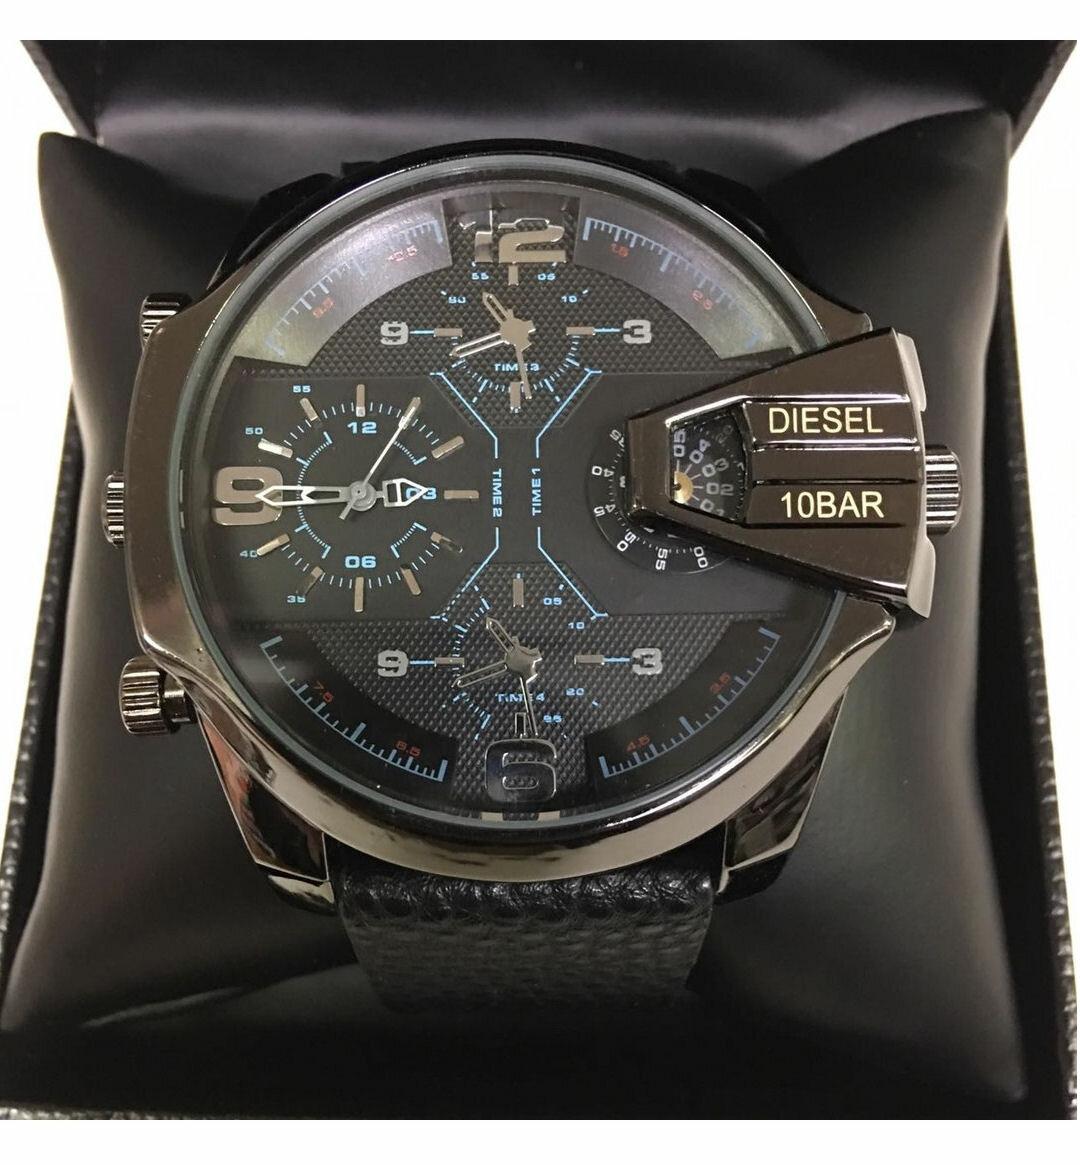 Часы Diesel 10 Bar New. Содержательные обзоры  Подробности... 💯 http://bit.ly/2MjnssK      Модель создавалась известными дизайнерами, которым удалось сотворить действительно интересную вещь. Часы   Посылка с  Быстрый взгляд на надежные и стильные часы от японского бренда , служившие мне верой и правдой, хоть и довольно недолго. Наручные часы  DZ  /  Кварцевые наручные часы на каучуковом ремешке. Часы  10  - это нечто большее, чем просто часы, это шедевры высокого часового искусства, которое зародилось в прекрасной Италии. Часы  10  () - Видео |  приколы Часы  10  () - Часы  10  купить | Со скидкой 55 % | Всего за  руб. Наручные часы Одесса,  новые рабочие часы, кварцевые 10  (Дизель 10 Бар) в нашем обзоре часы для сильных